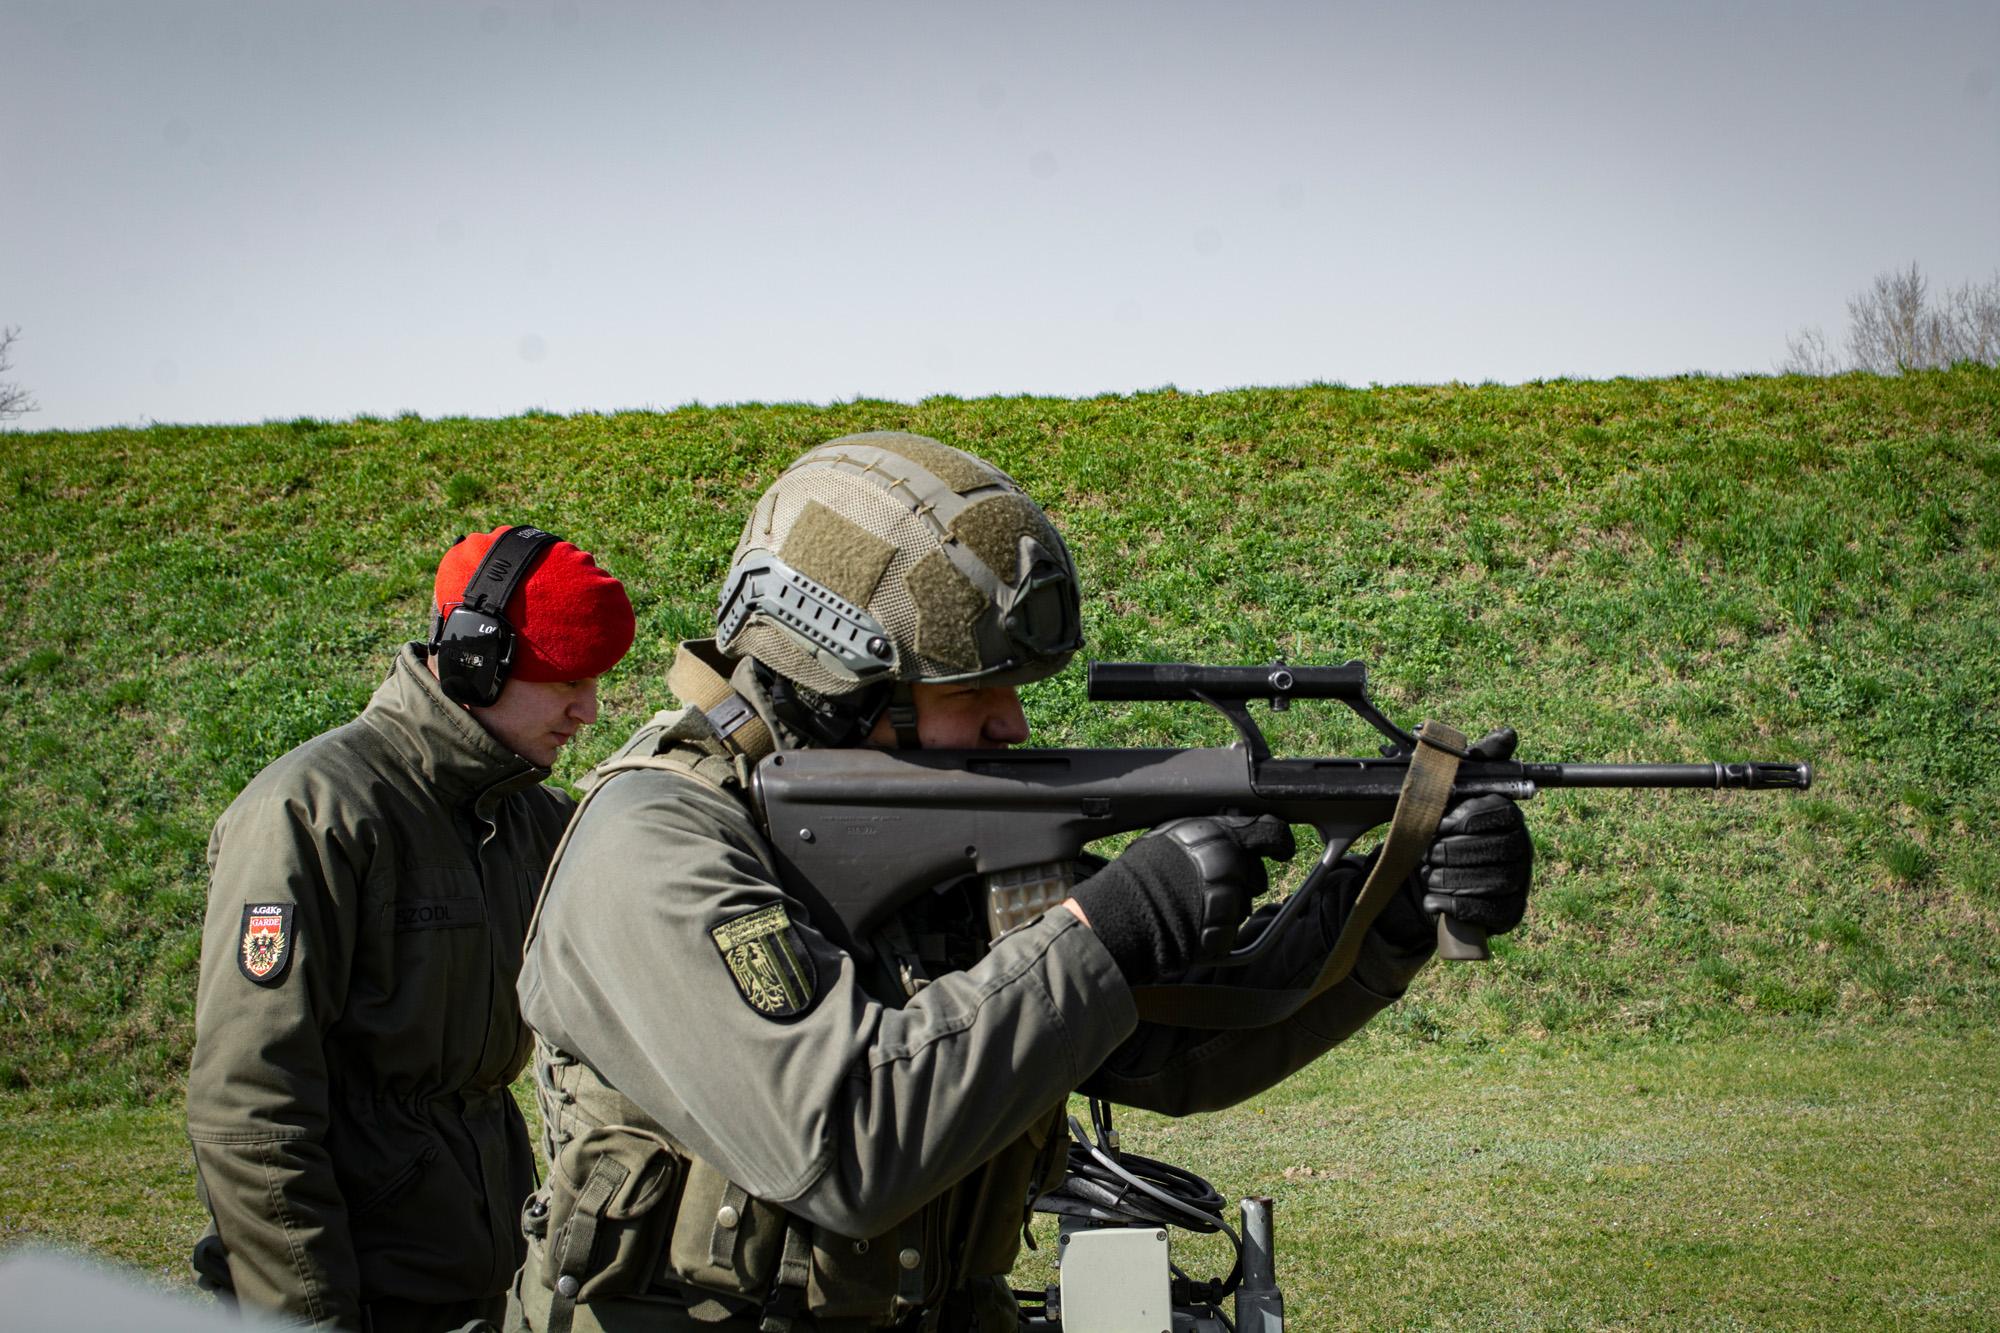 2020_03_24_Garde_GdMus__Einsatzvorbereitung-Covid19-Scharfschießen_Garde_3